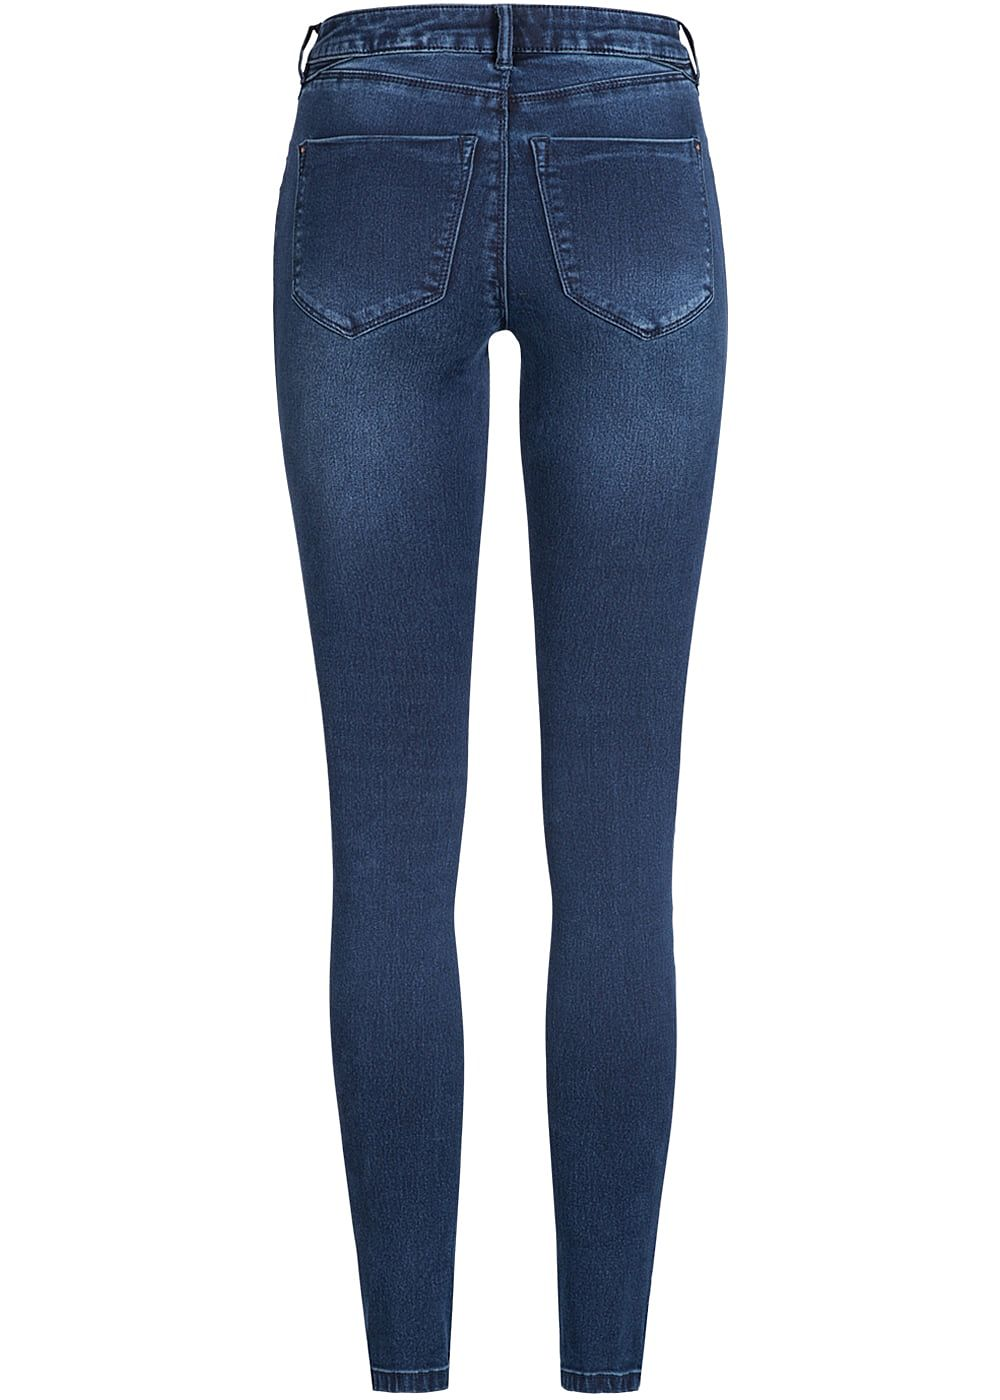 only damen biker jeans hose stretch 4 pockets regular waist dunkel blau denim 77onlineshop. Black Bedroom Furniture Sets. Home Design Ideas